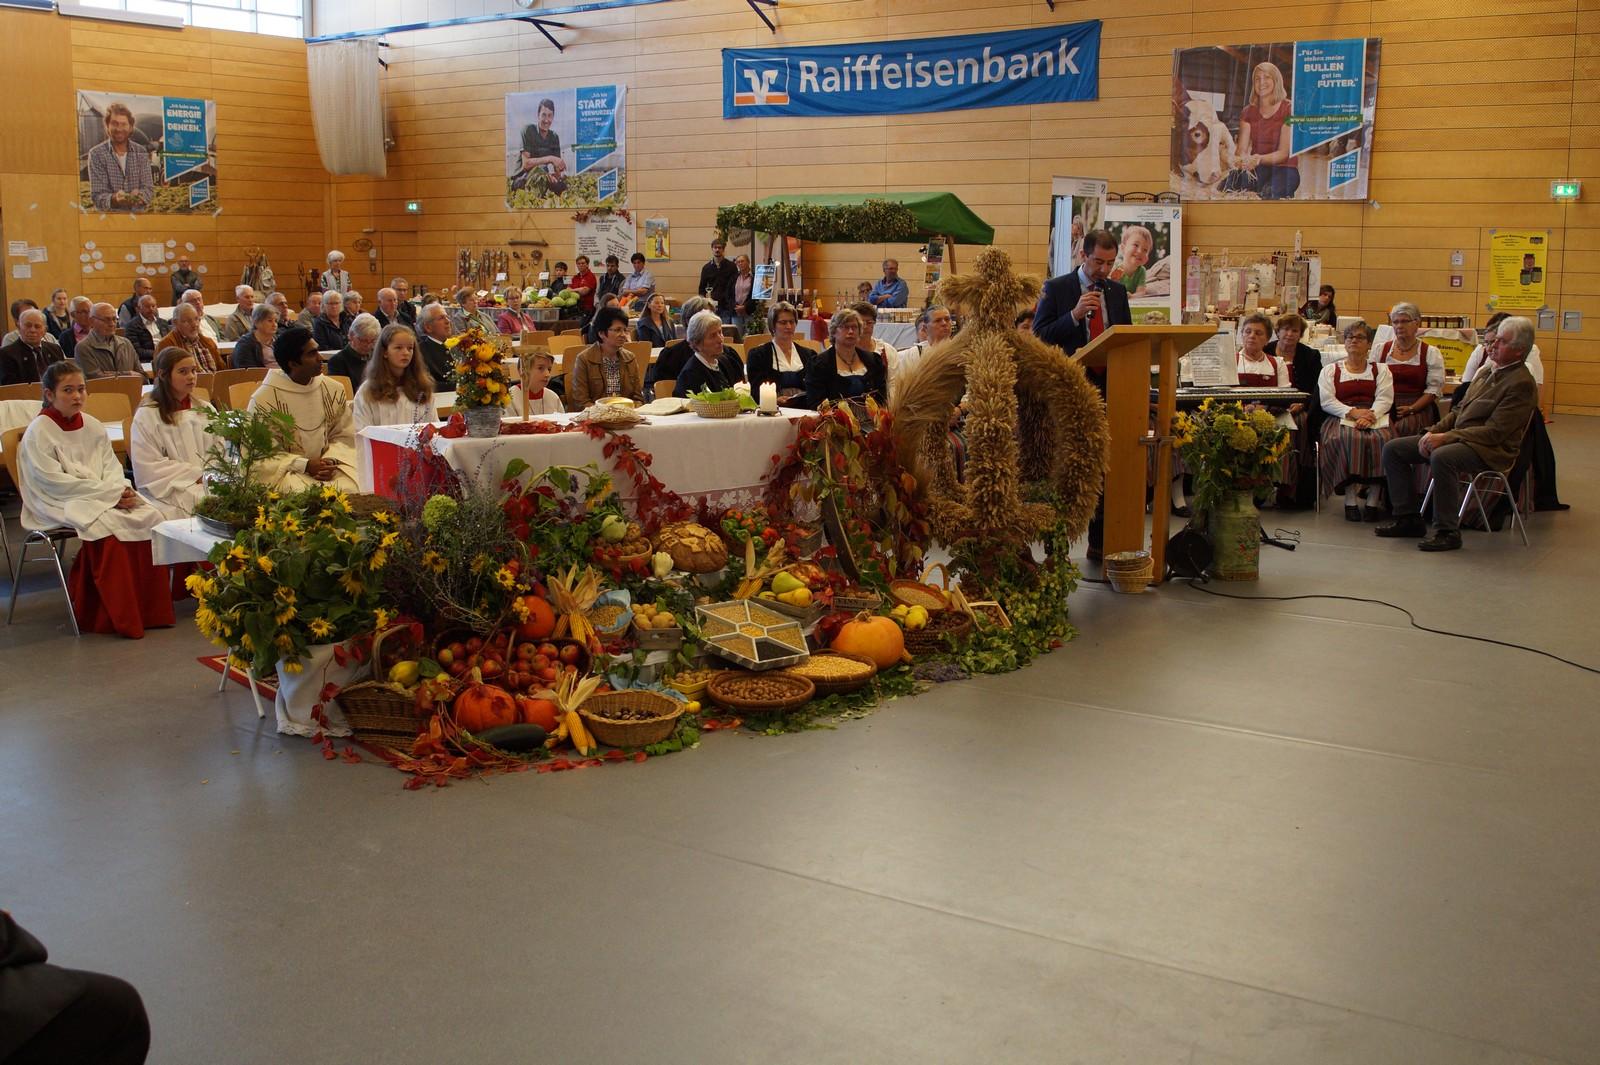 20181014-Bauernmarkt Erntedank DSC03494